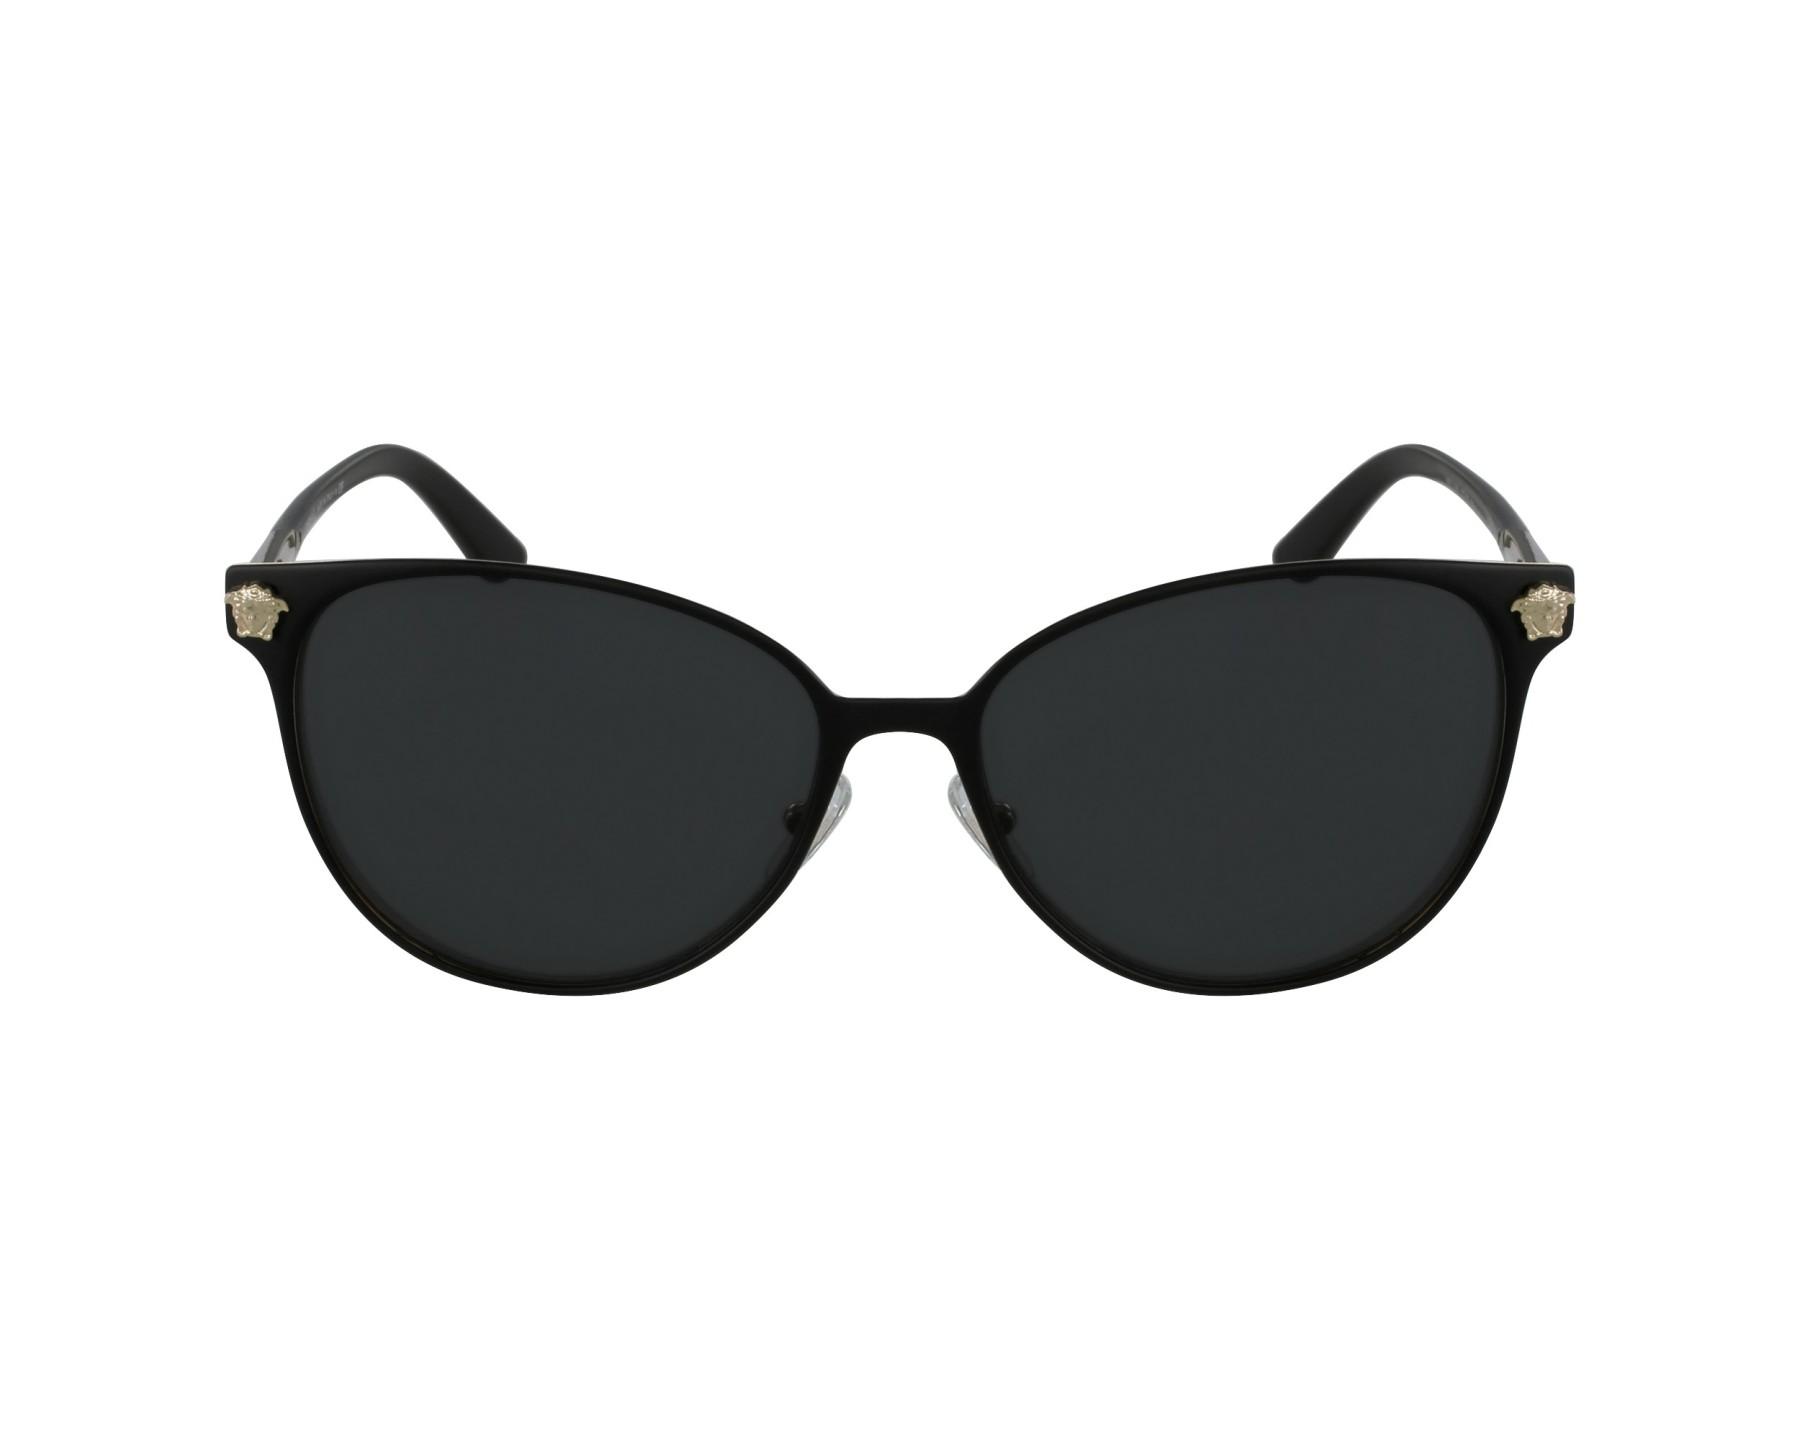 3d414587745 Sunglasses Versace VE-2168 1377 87 57-16 Black Gold profile view